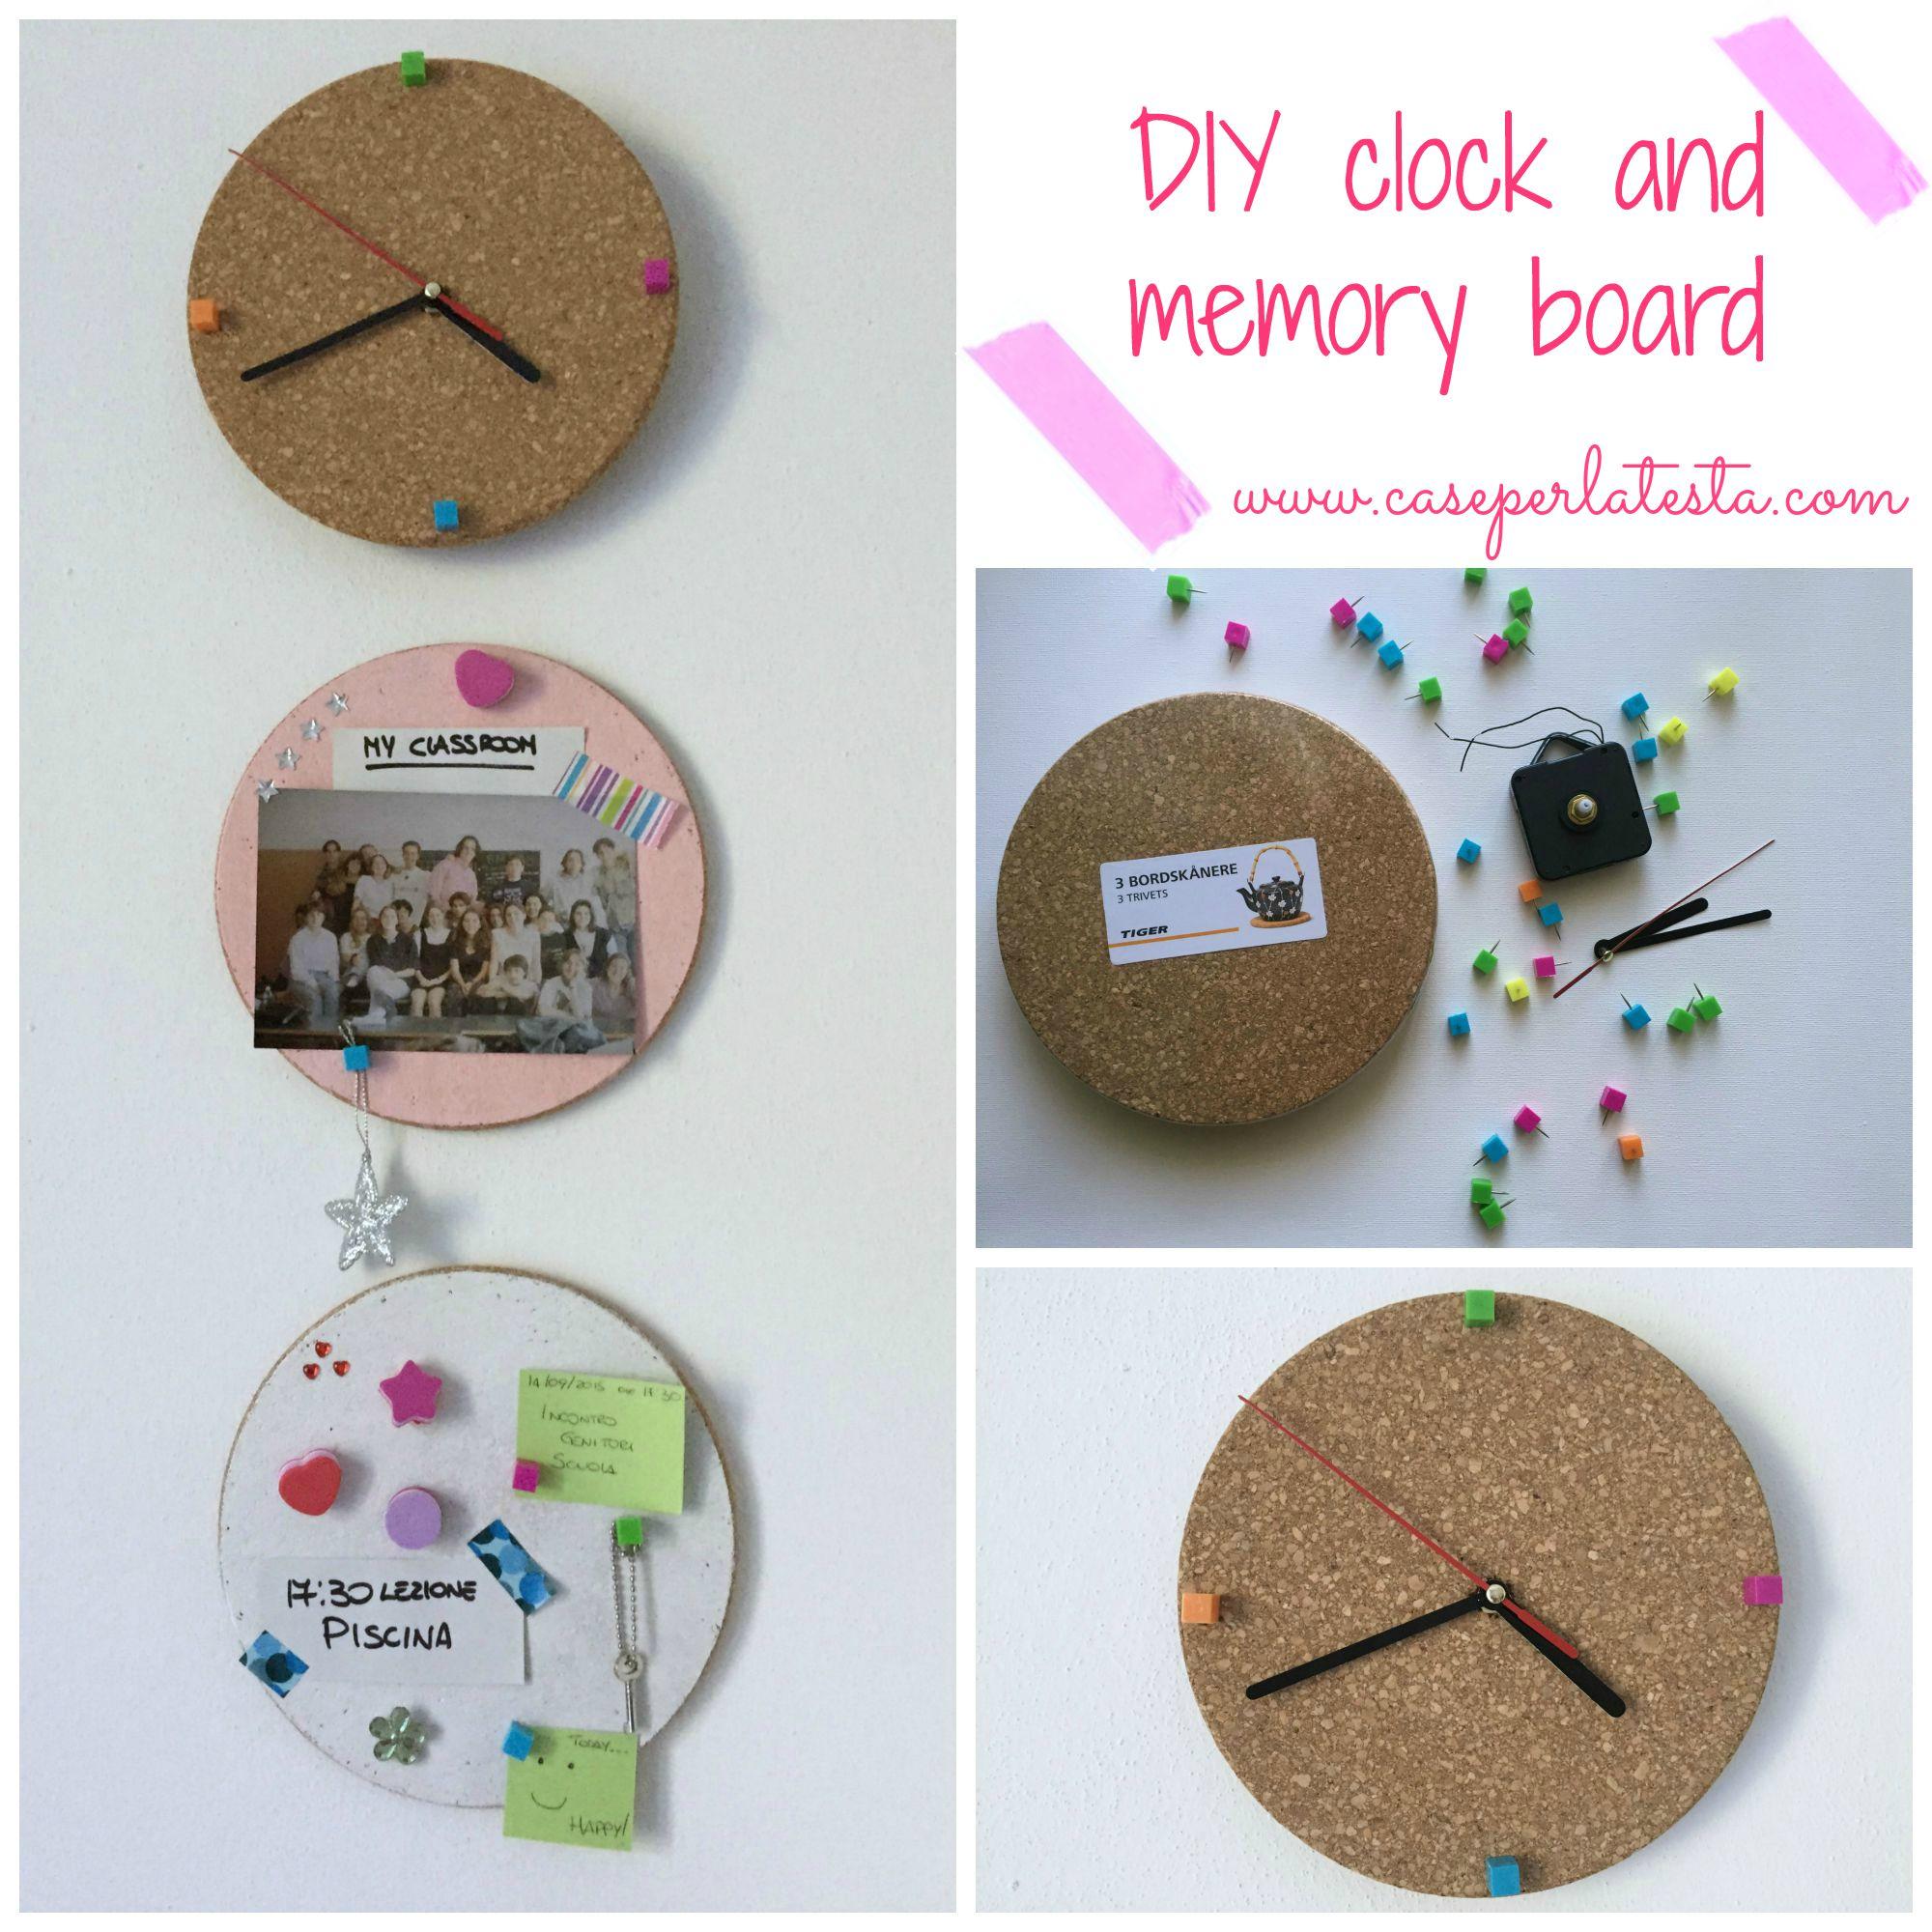 DIY_clock_and_memory_board_tutorial